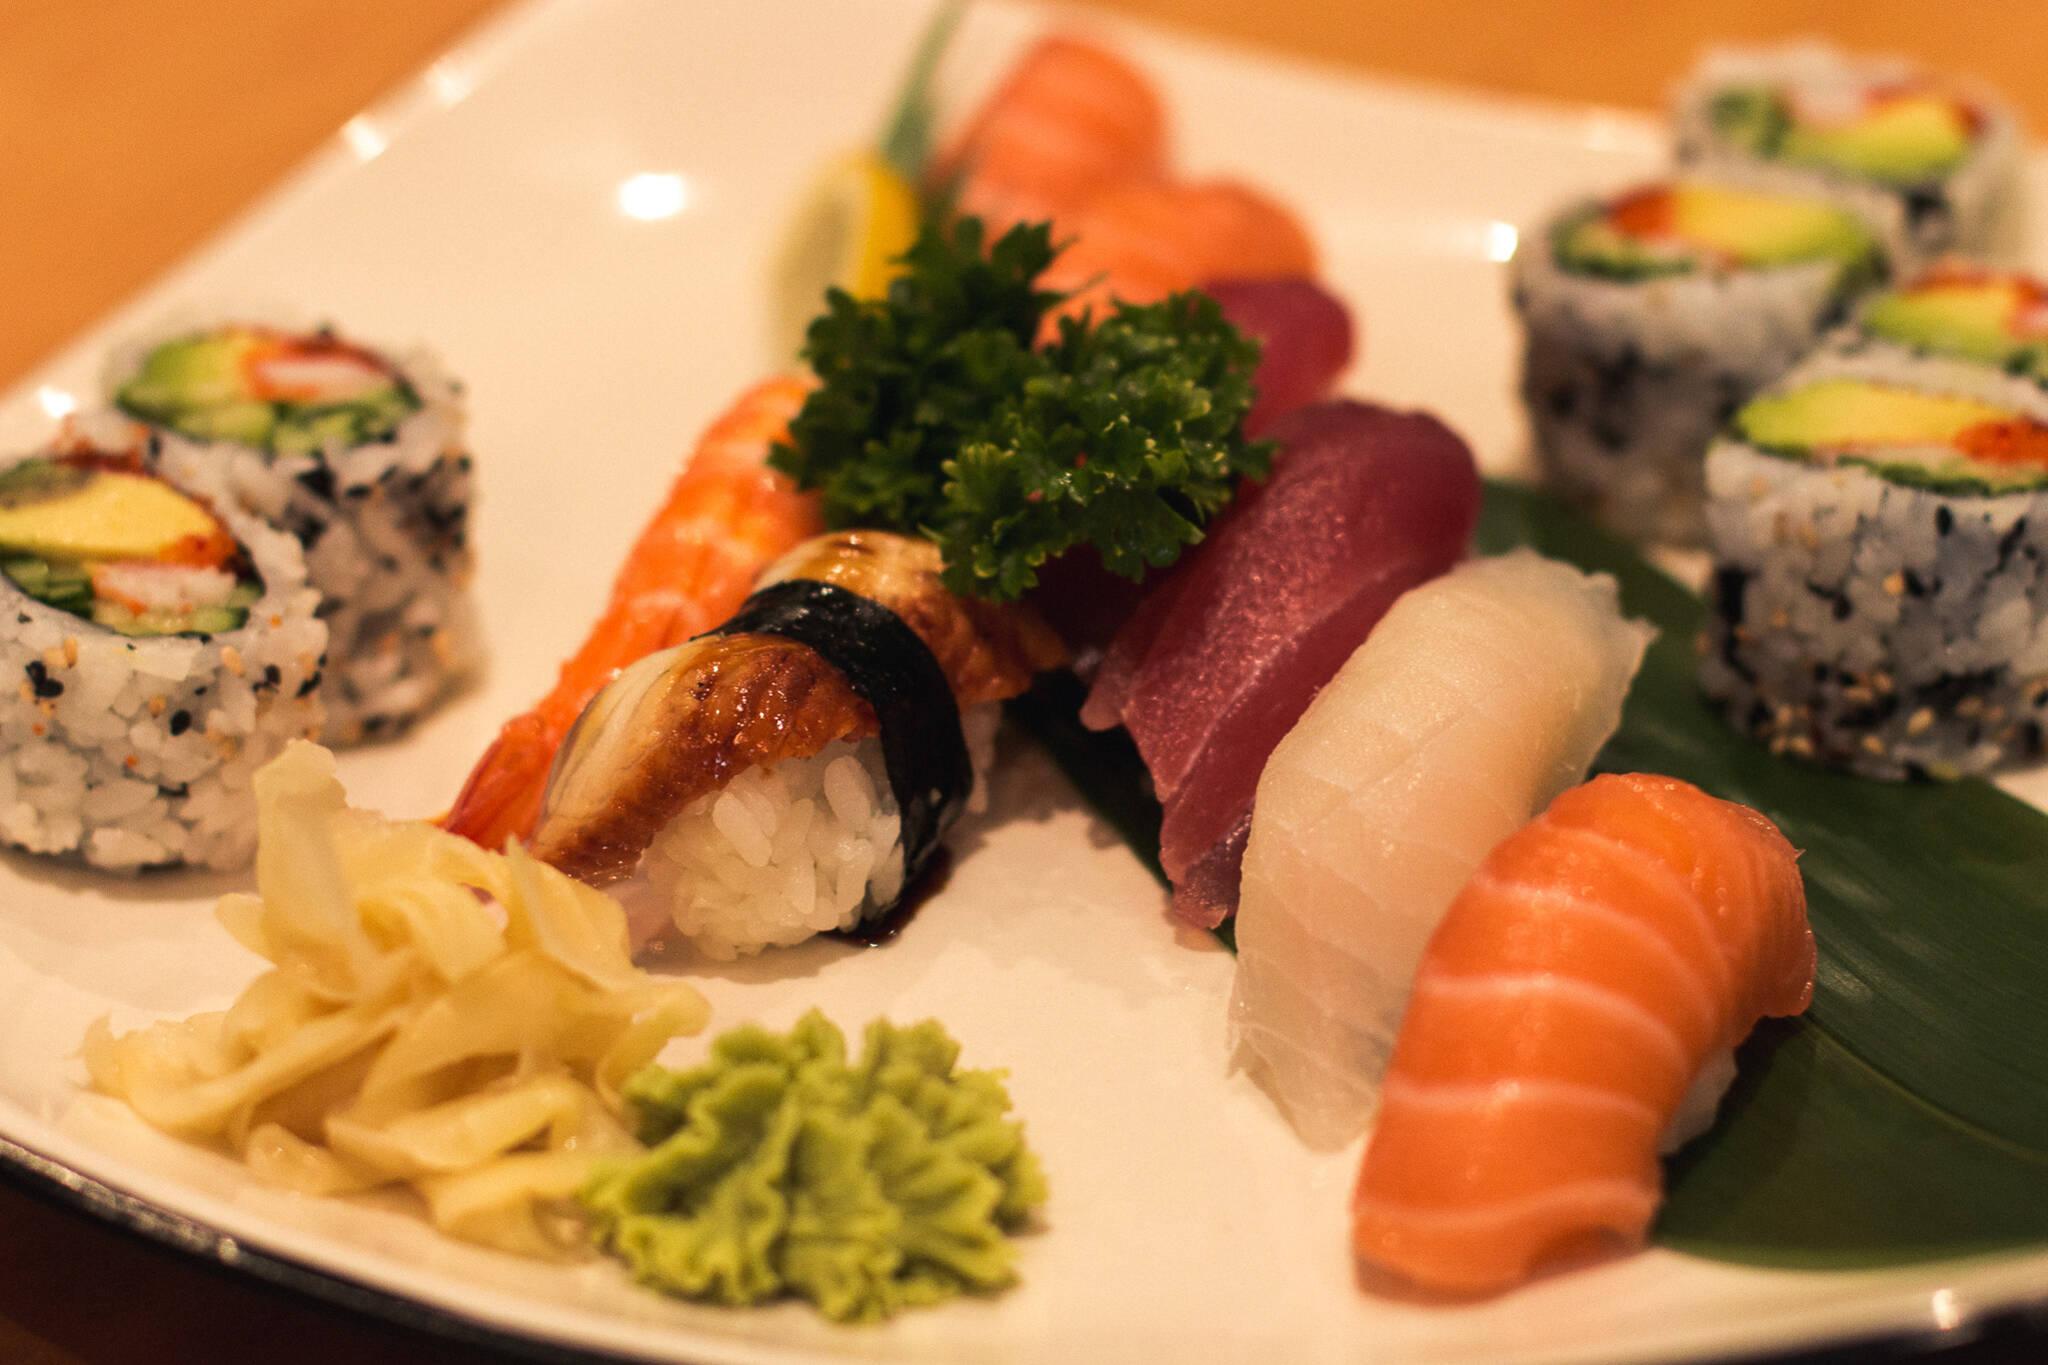 Hina sushi Toronto